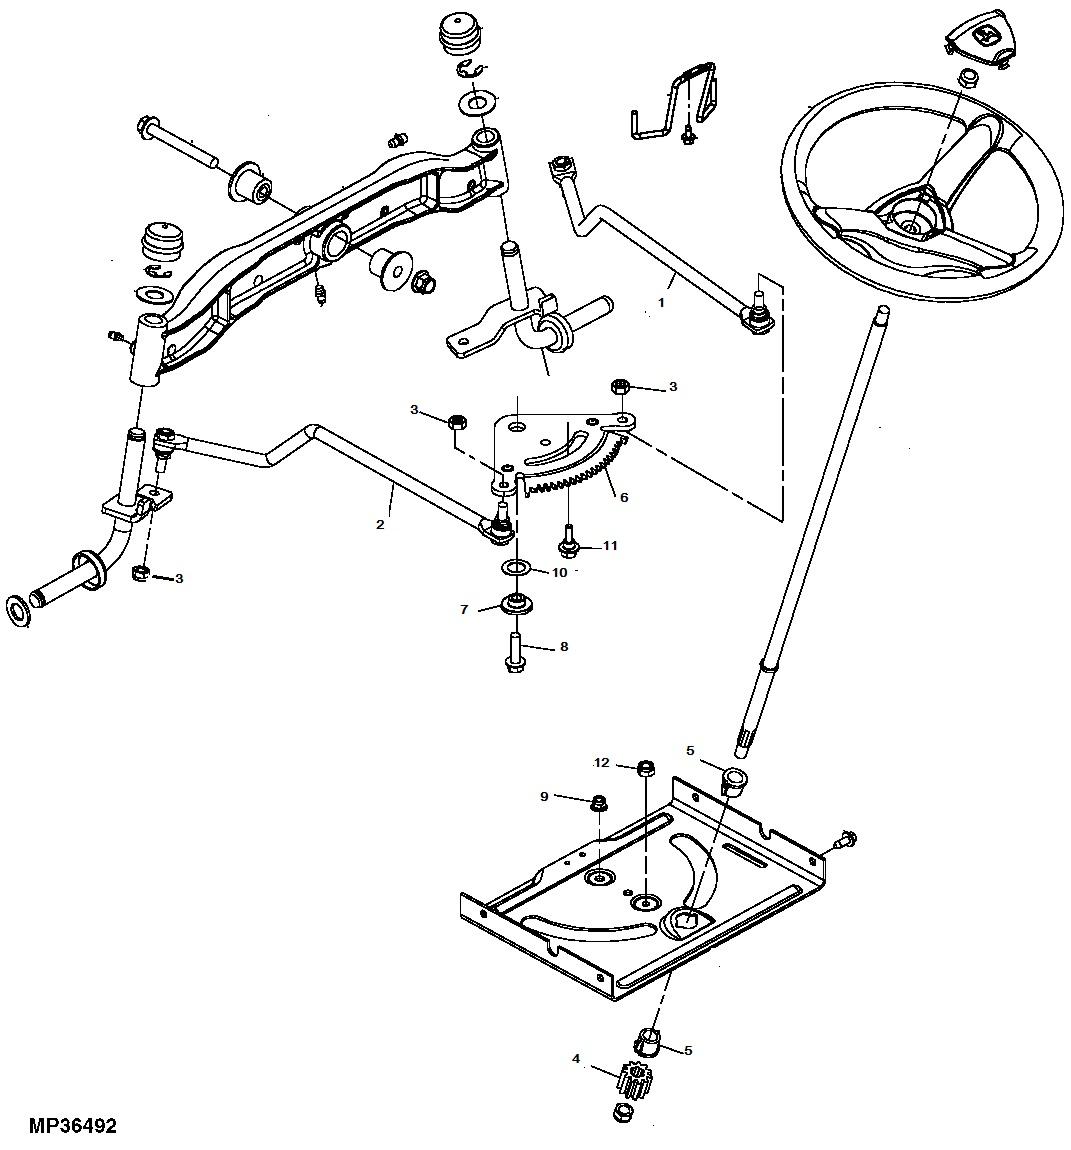 new kumar bros usa tractor steering kit fits john deere la100 la105 la110  la120 la125 la130